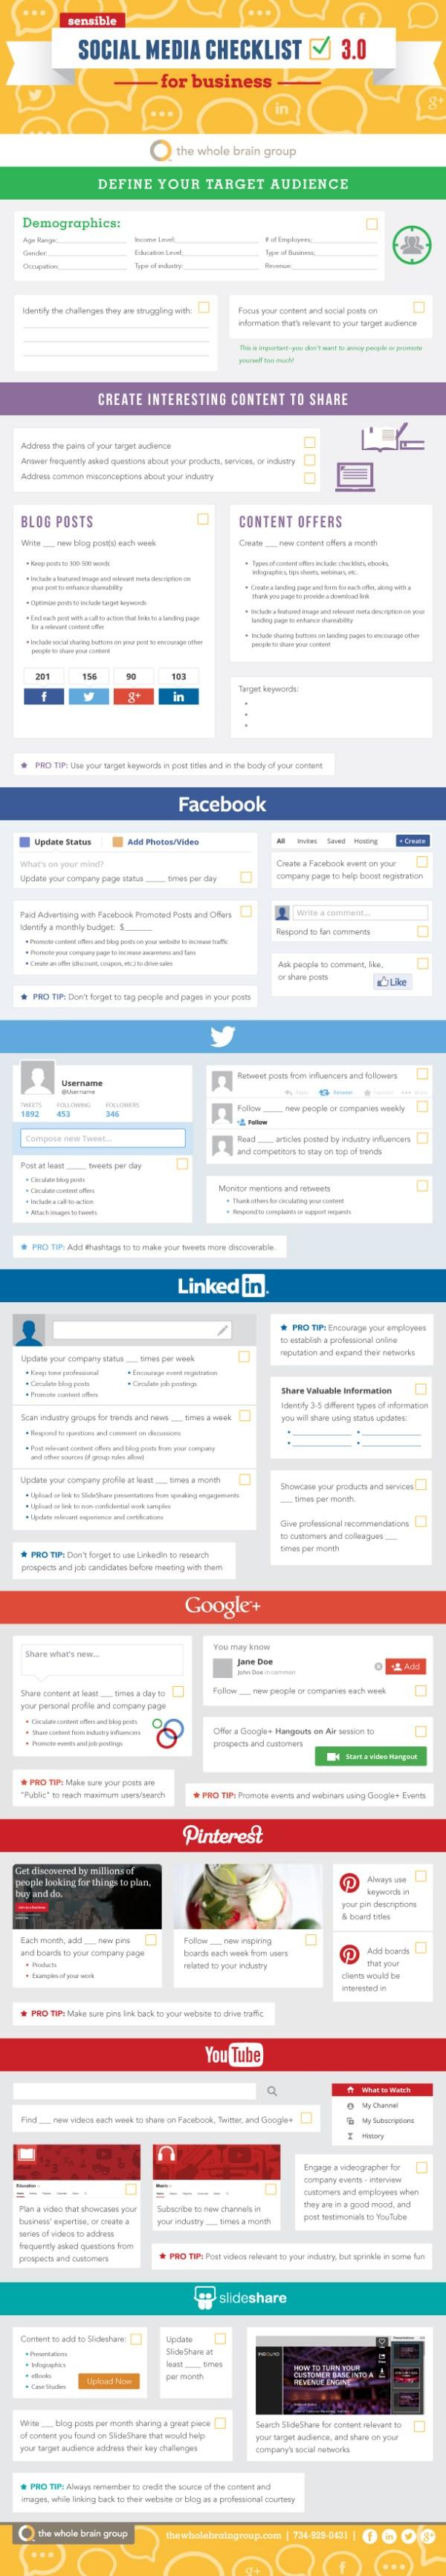 WBG_Infographic_Social_Media_Checklist_V3_FIN